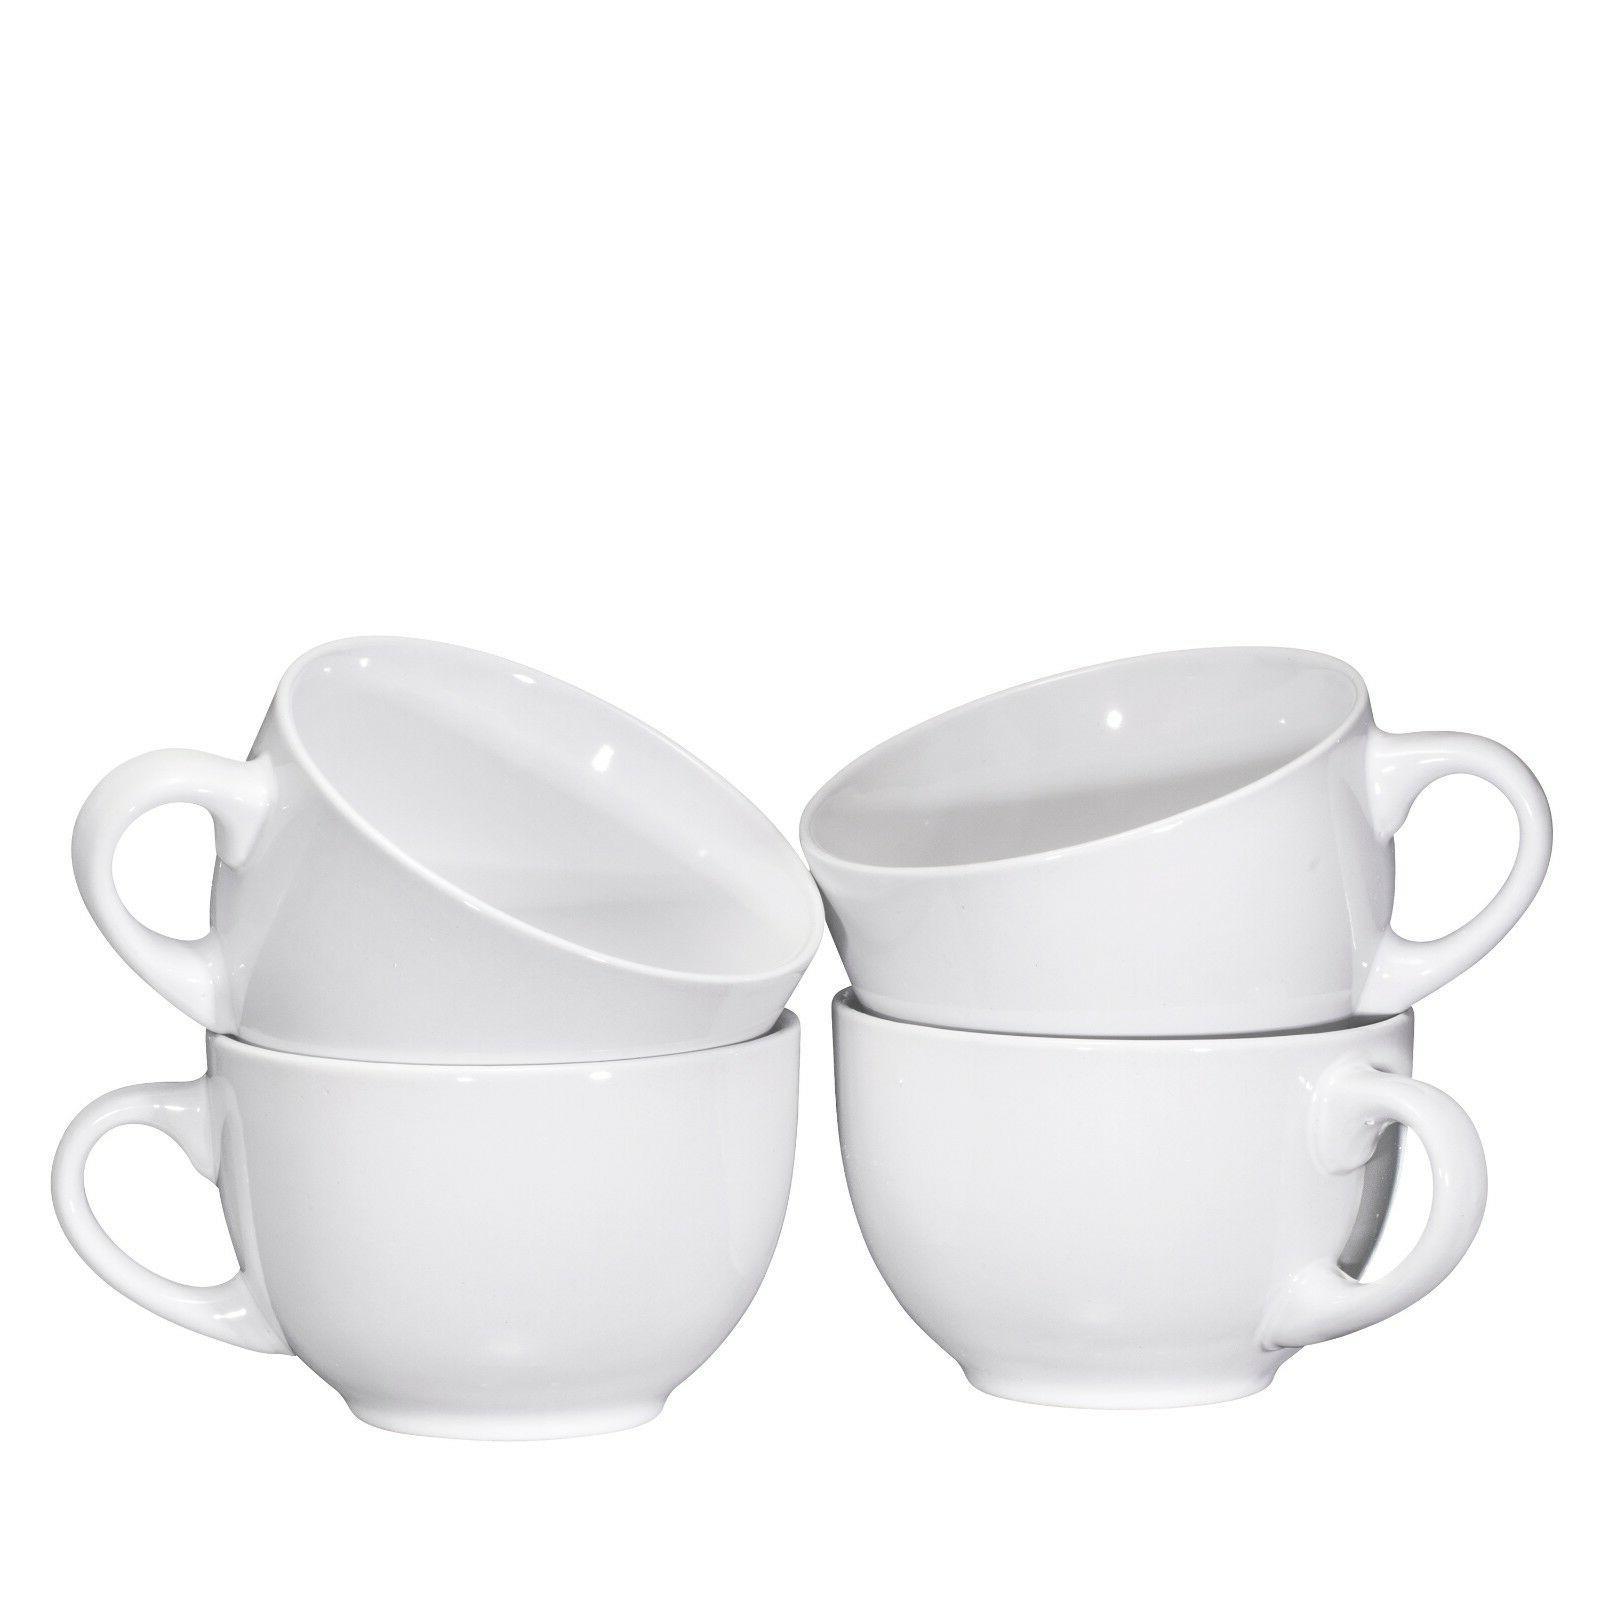 Bruntmor Wide Ceramic Coffee Mug Ounce, Set of 4